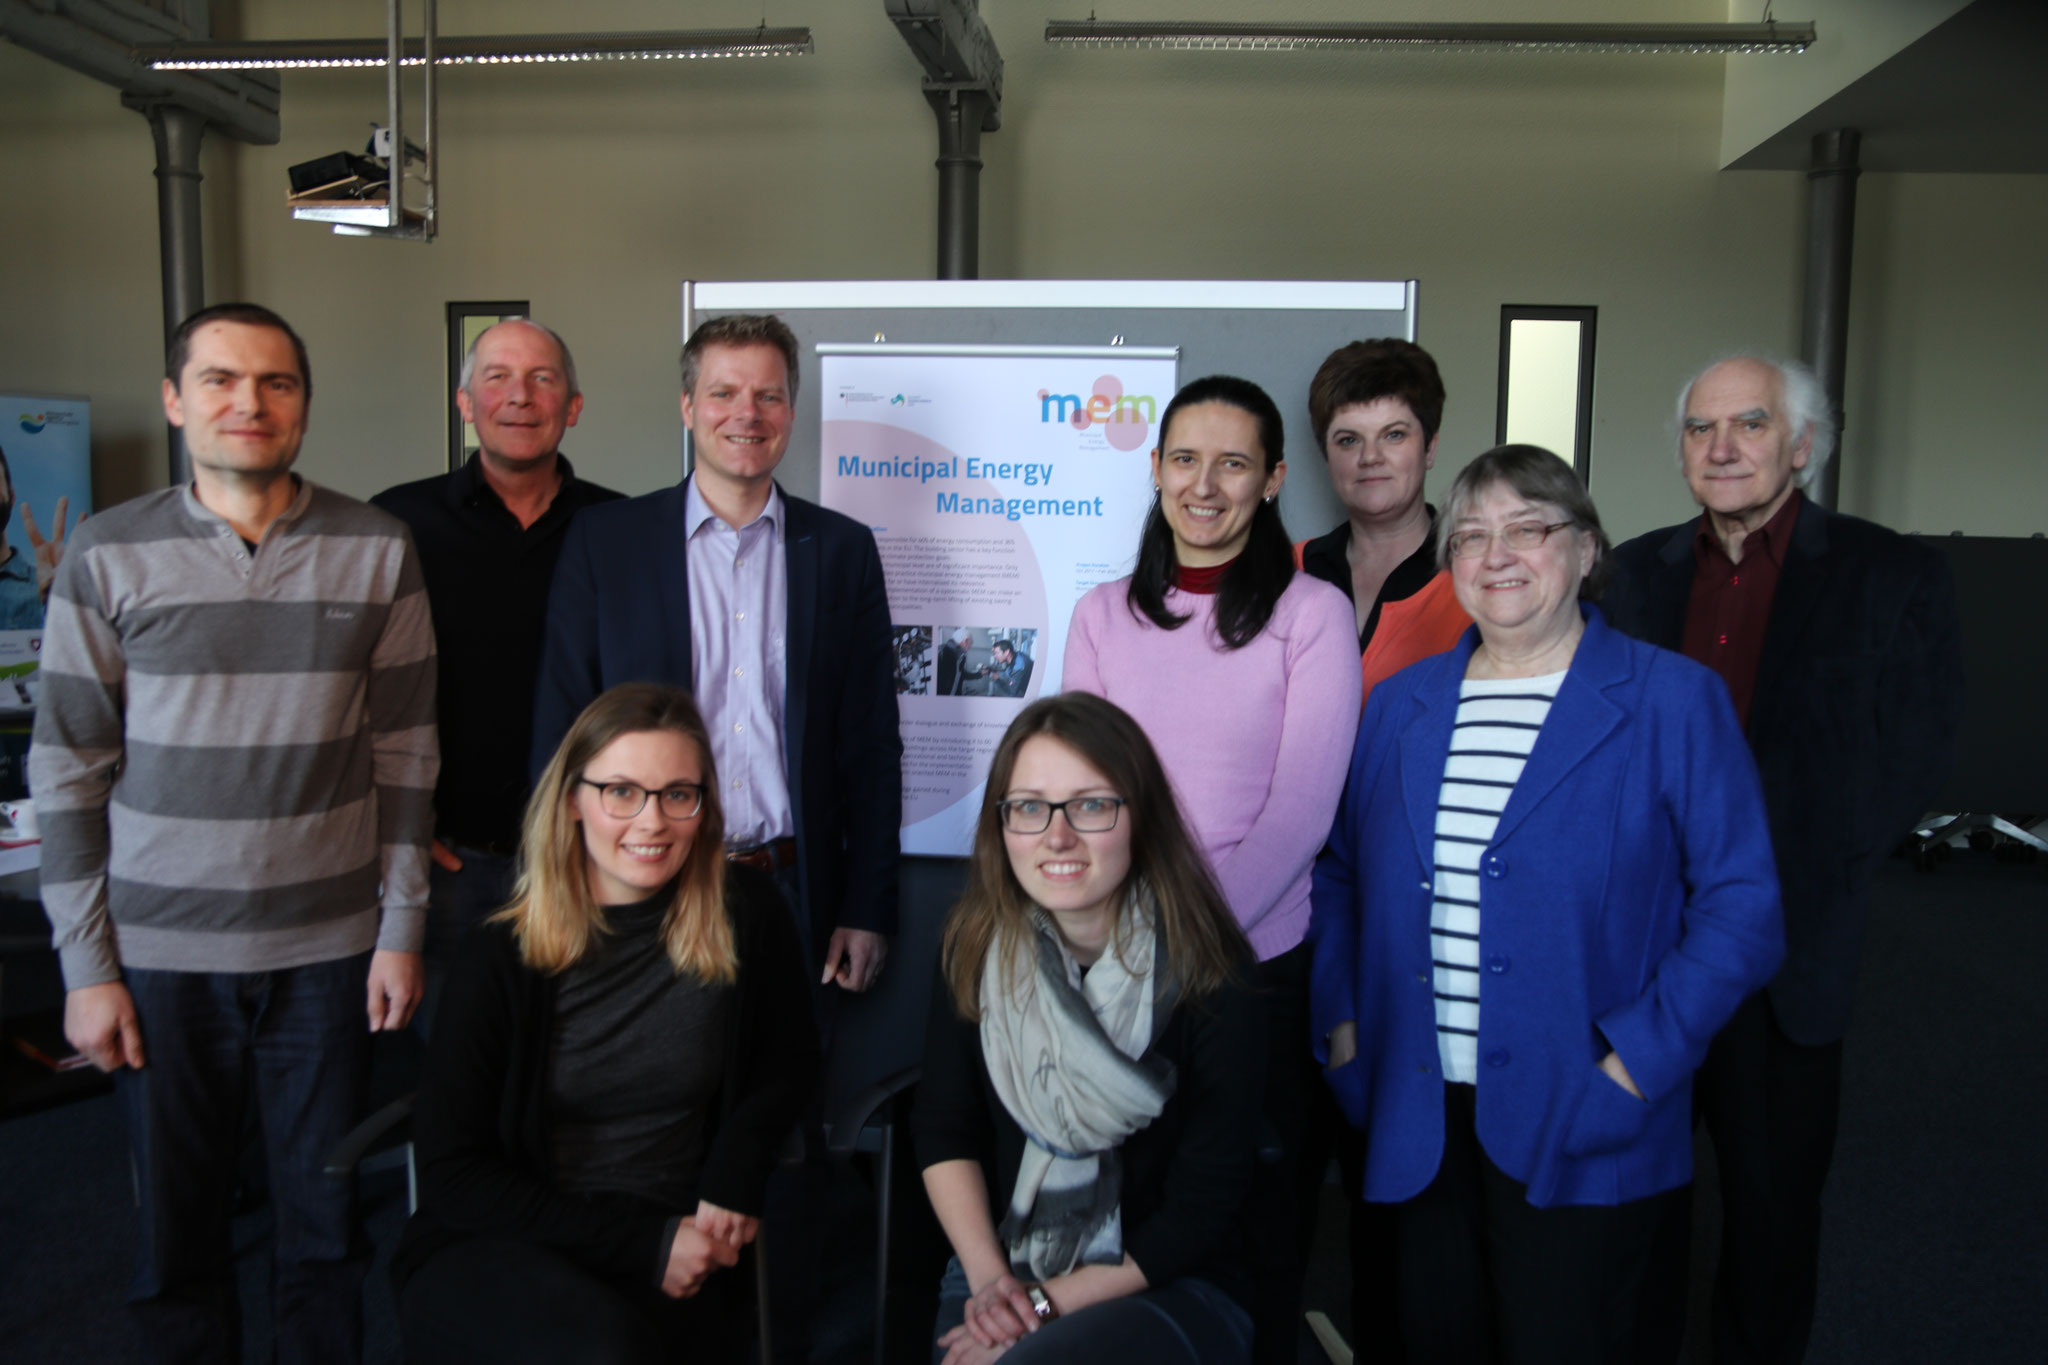 Das Projektteam mit Vertretern von Energieagenturen aus Deutschland, Slovenien, Bulgarien und Lithauen.